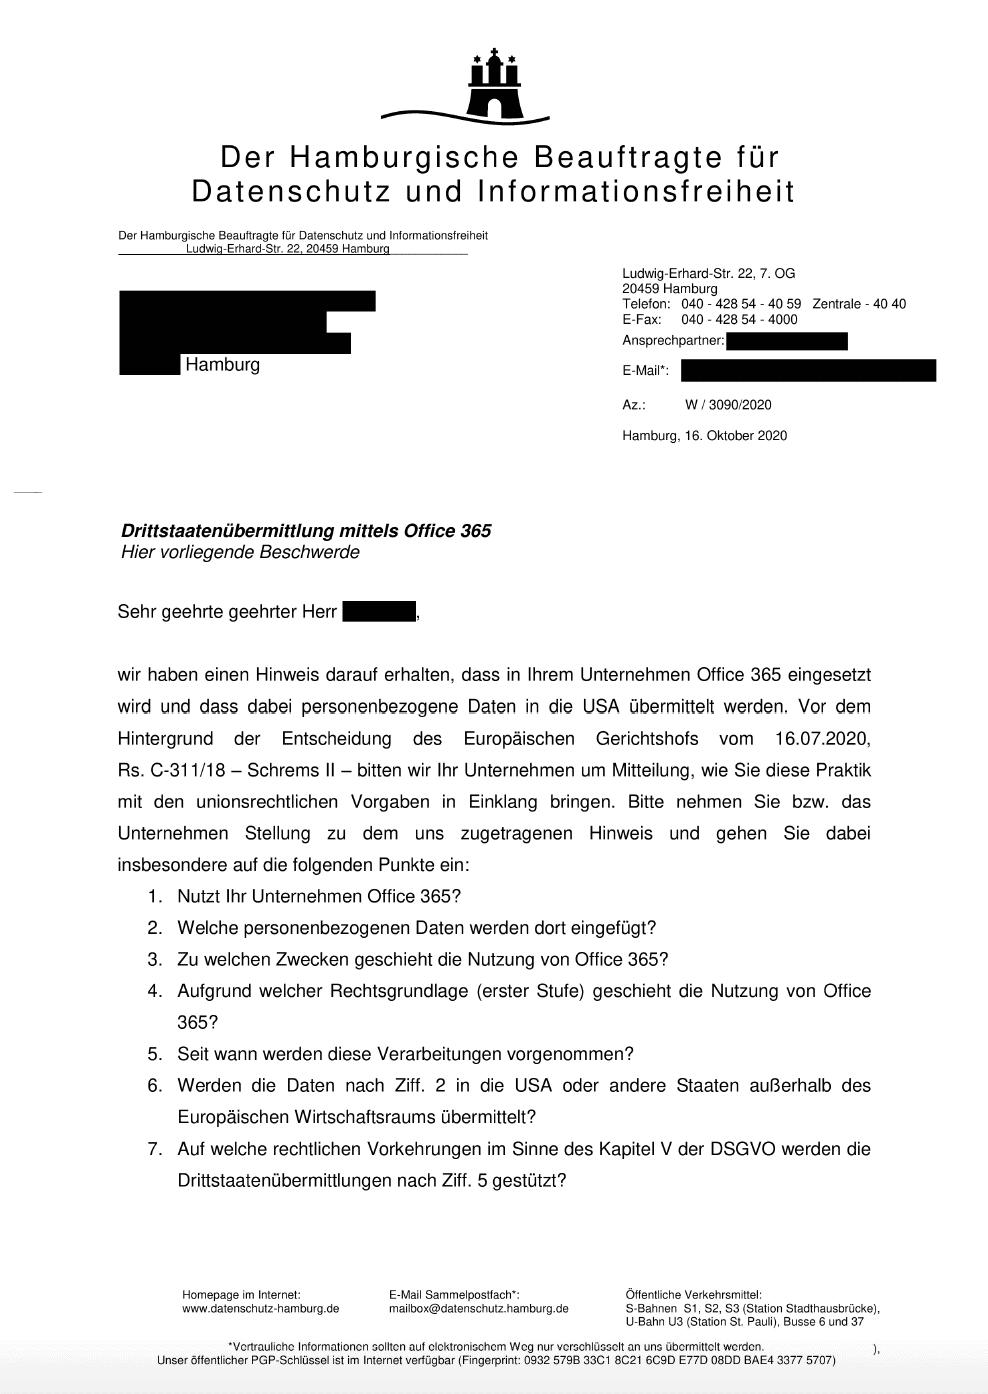 Schreiben des Hamburgischen Beauftragten für Datenschutz und Informationsfreiheit - Teil 1